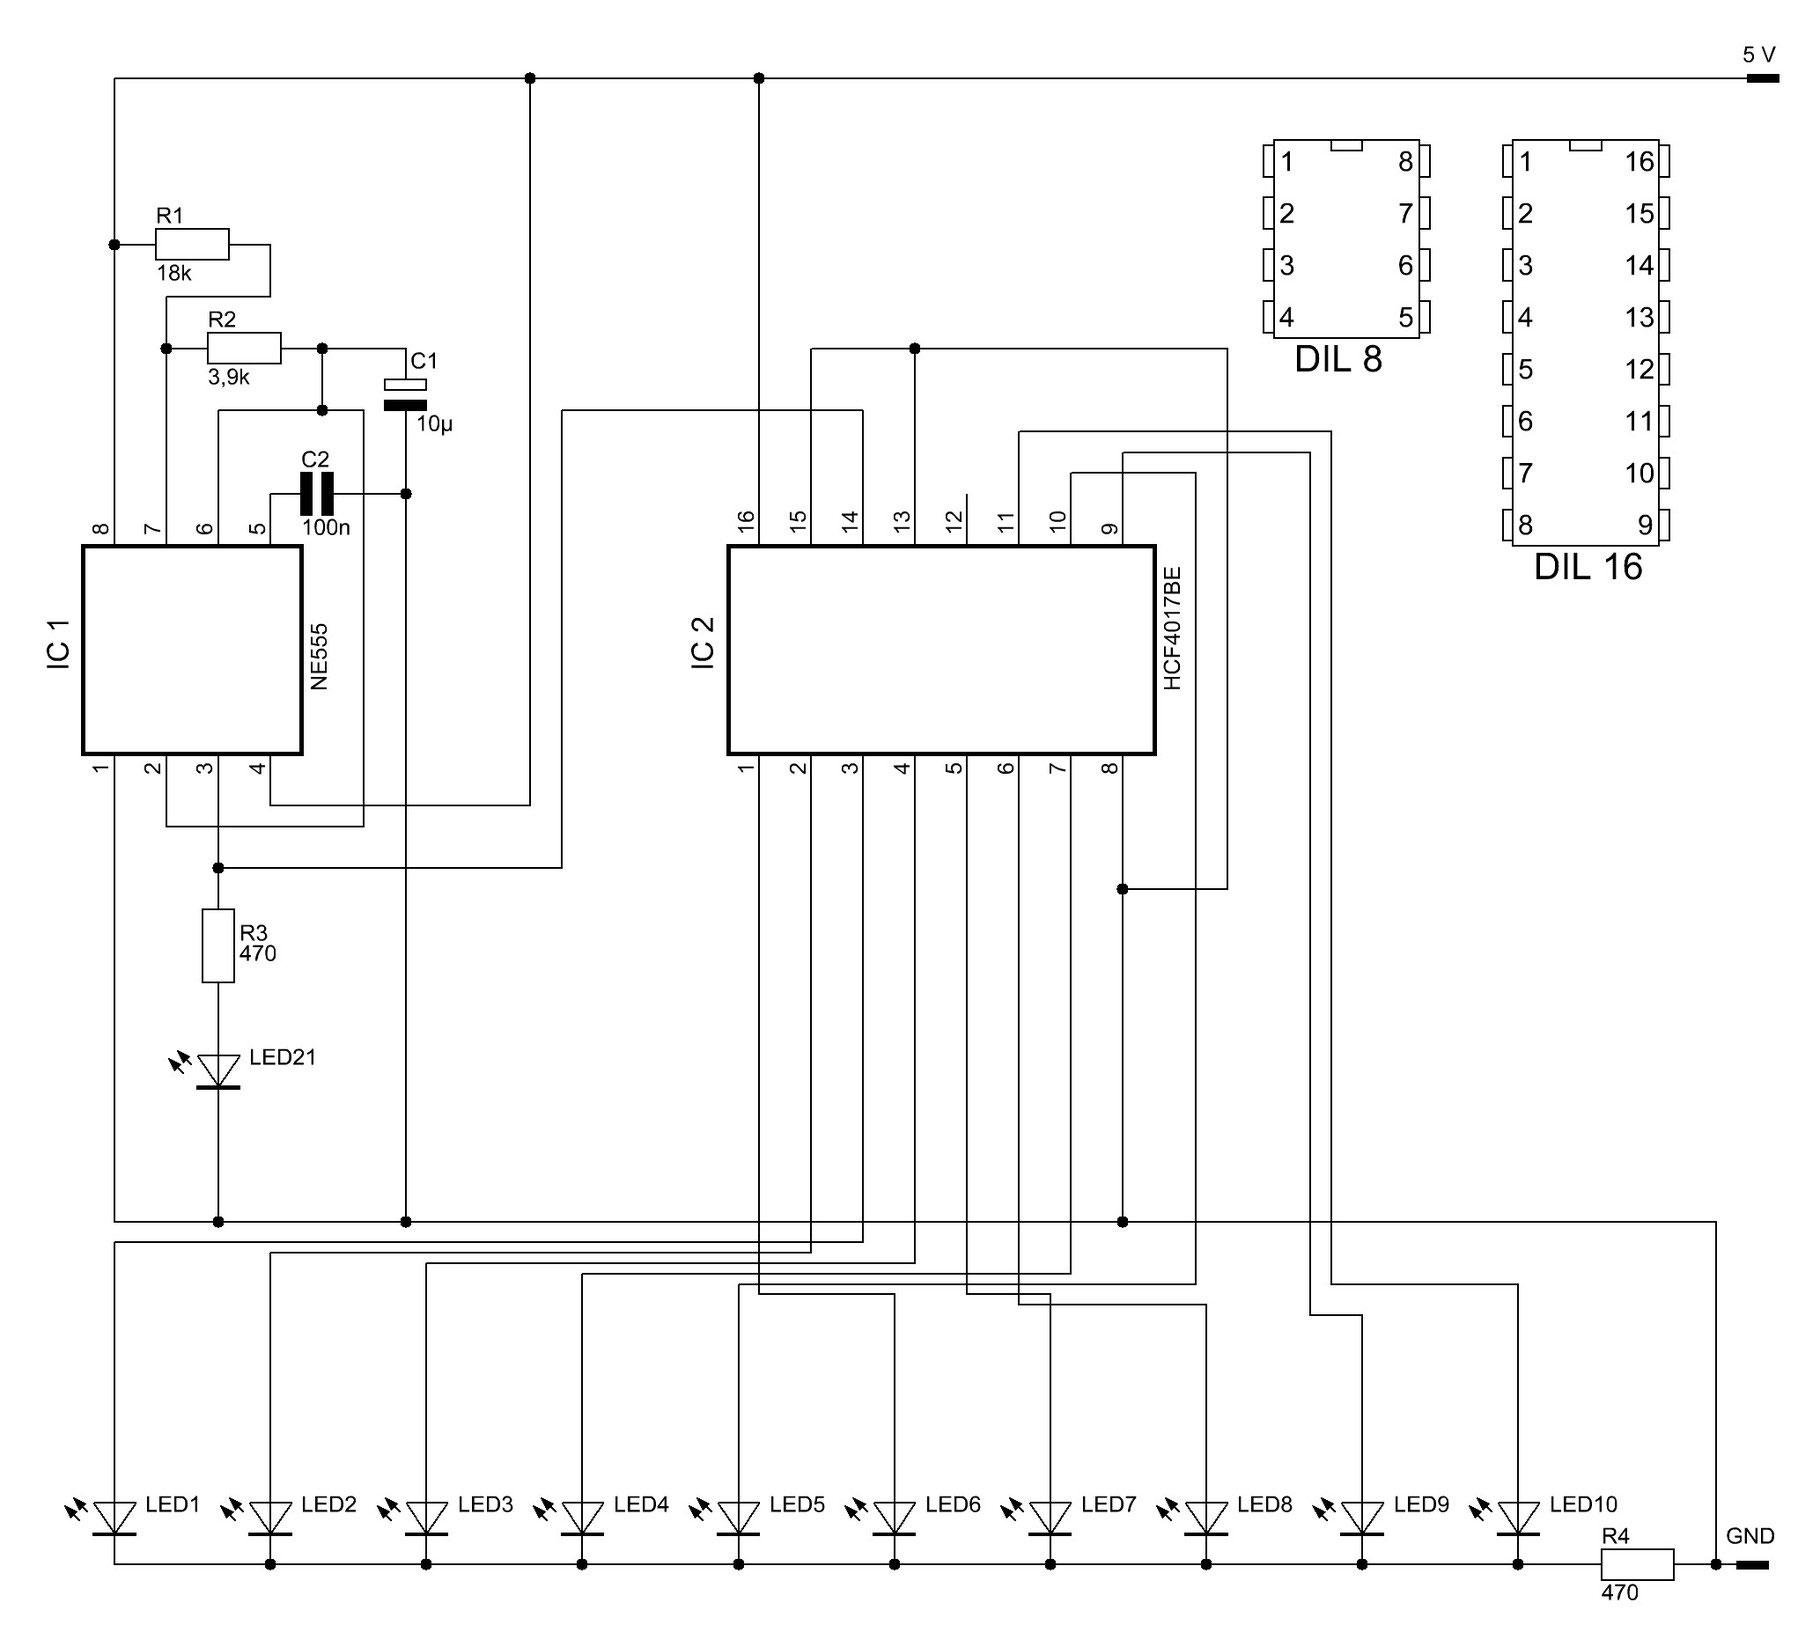 Erweiterbares Lauflicht mit 10 LEDs - Elektronische Basteleien